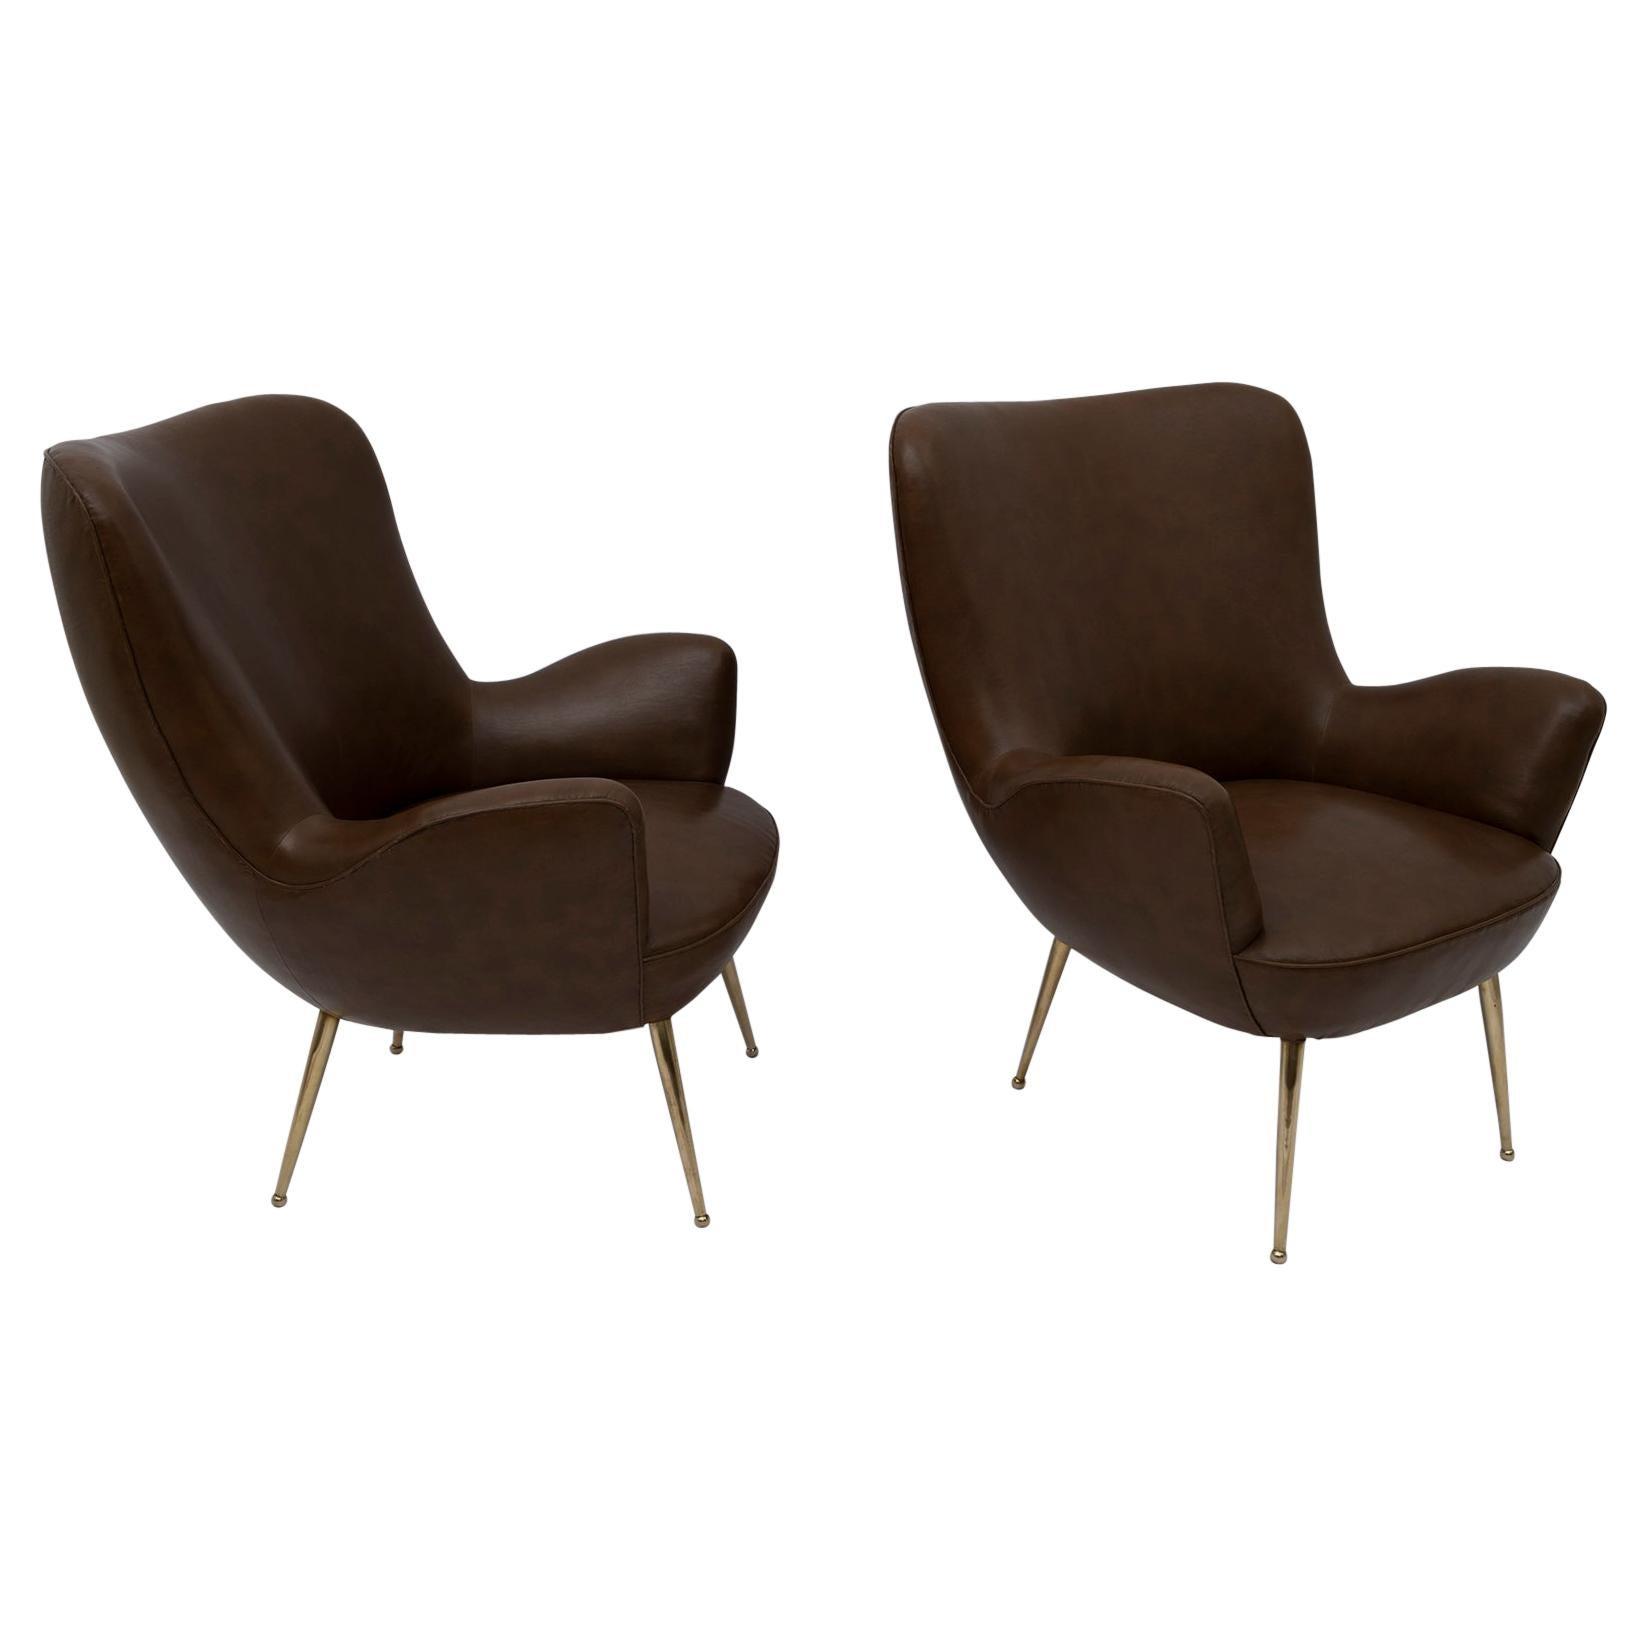 Pair of Mid-century Modern Italian Design Armchairs, 1950s